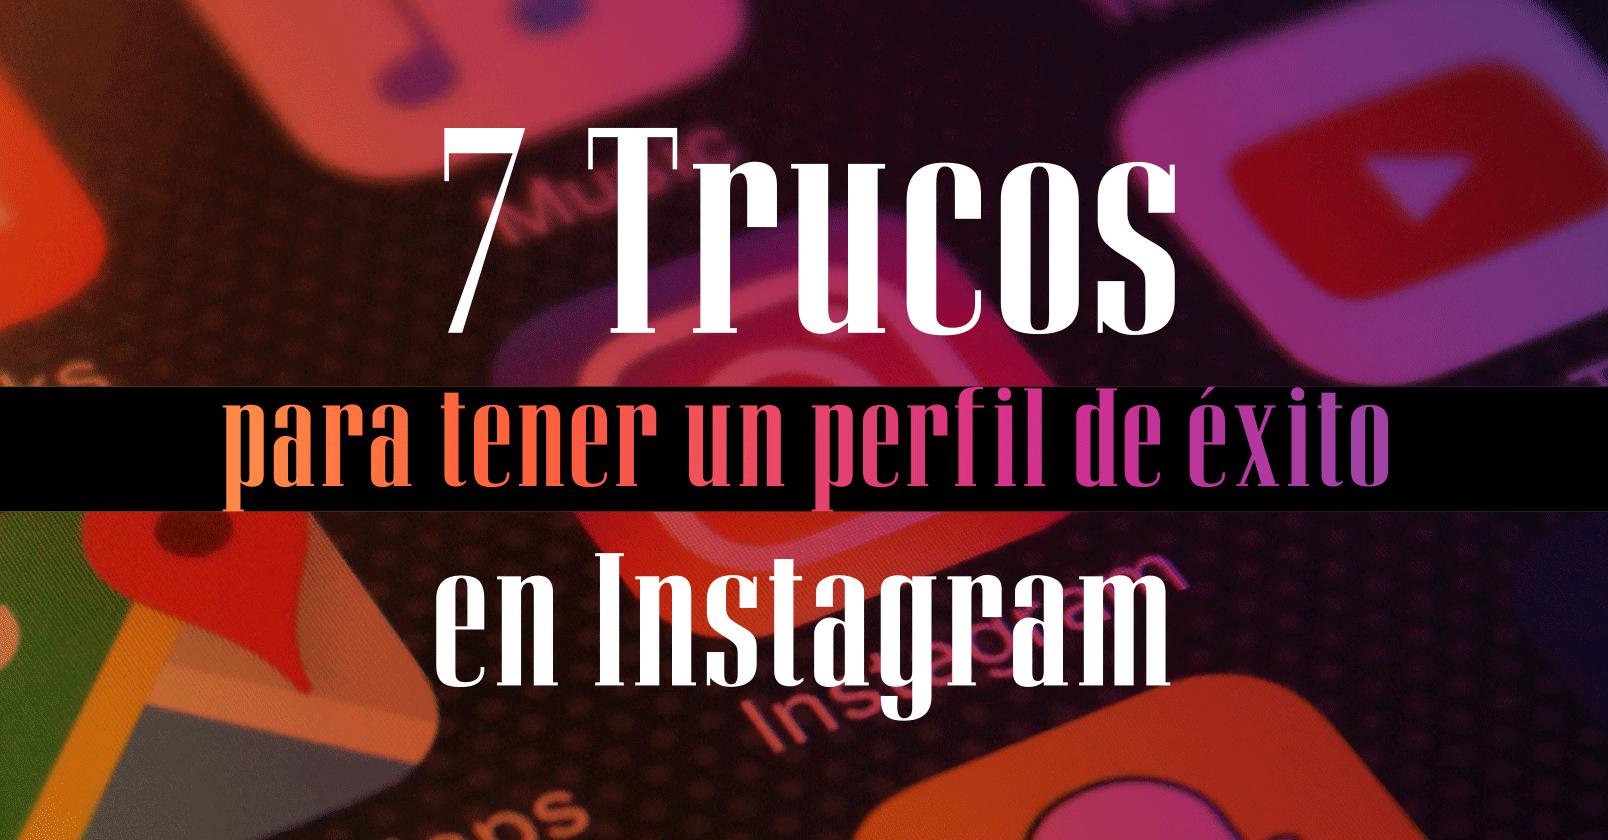 7-Trucos-para-tener-un-perfil-de-éxito-en-Instagram